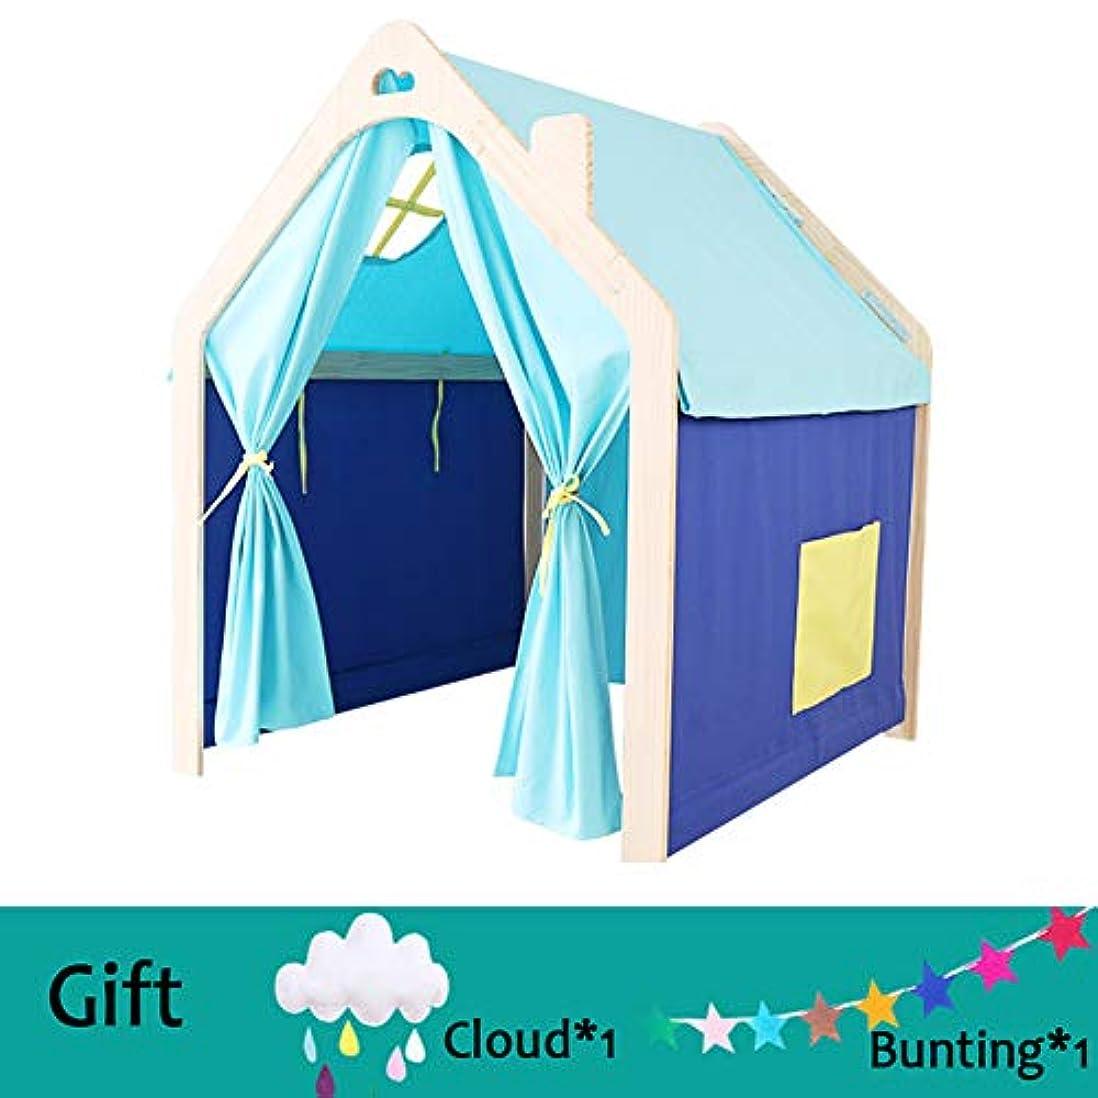 居心地の良いいちゃつく資産子供の小さなテント木造住宅プレイハウス、パインフレーム綿キャンバス快適で通気性、安全な屋内読書コーナー,Blue